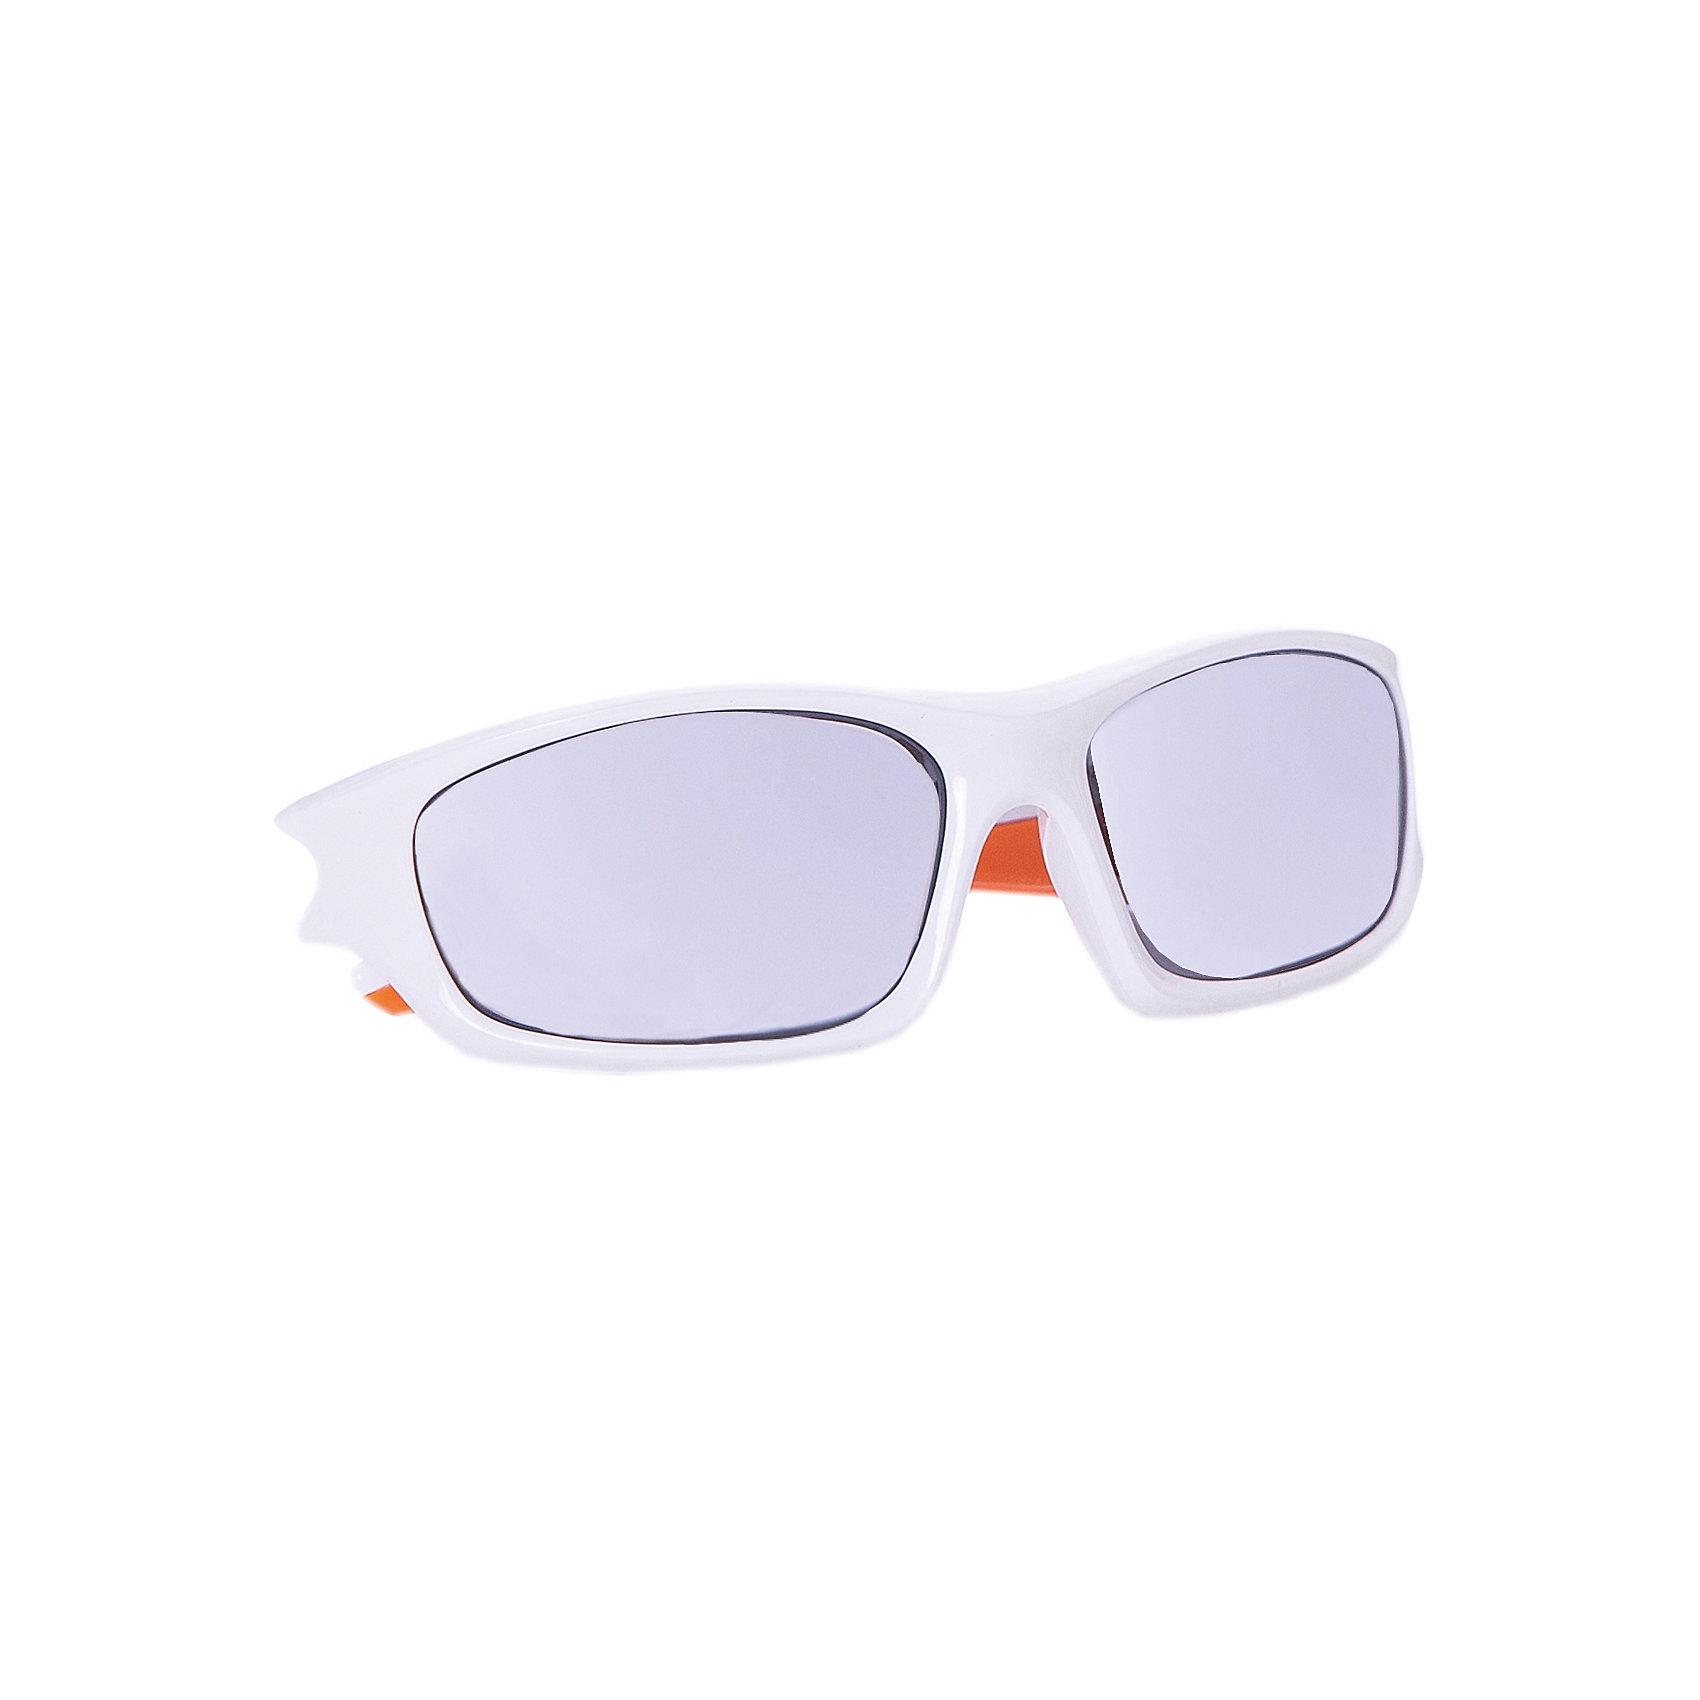 Очки солнцезащитные FLEXXY TEEN, бело-оранжевые, ALPINAСолнцезащитные очки<br>Характеристики:<br><br>• возраст: от 5 лет;<br>• материал: пластик;<br>• размер упаковки: 19х3х3 см;<br>• вес упаковки: 200 гр.;<br>• страна производитель: Китай.<br><br>Очки солнцезащитные Alpina Flexxy Teen бело-оранжевые защищают глаза от попадания солнечных лучей во время прогулки, отдыха на природе, катания на велосипеде, занятий спортом. Линзы выполнены из прочного материала, устойчивого к разбиванию. Они защищают глаза от всех типов УФ-лучей и не запотевают.<br><br>Очки солнцезащитные Alpina Flexxy Teen бело-оранжевые можно приобрести в нашем интернет-магазине.<br><br>Ширина мм: 190<br>Глубина мм: 30<br>Высота мм: 30<br>Вес г: 200<br>Возраст от месяцев: 60<br>Возраст до месяцев: 144<br>Пол: Унисекс<br>Возраст: Детский<br>SKU: 6749318